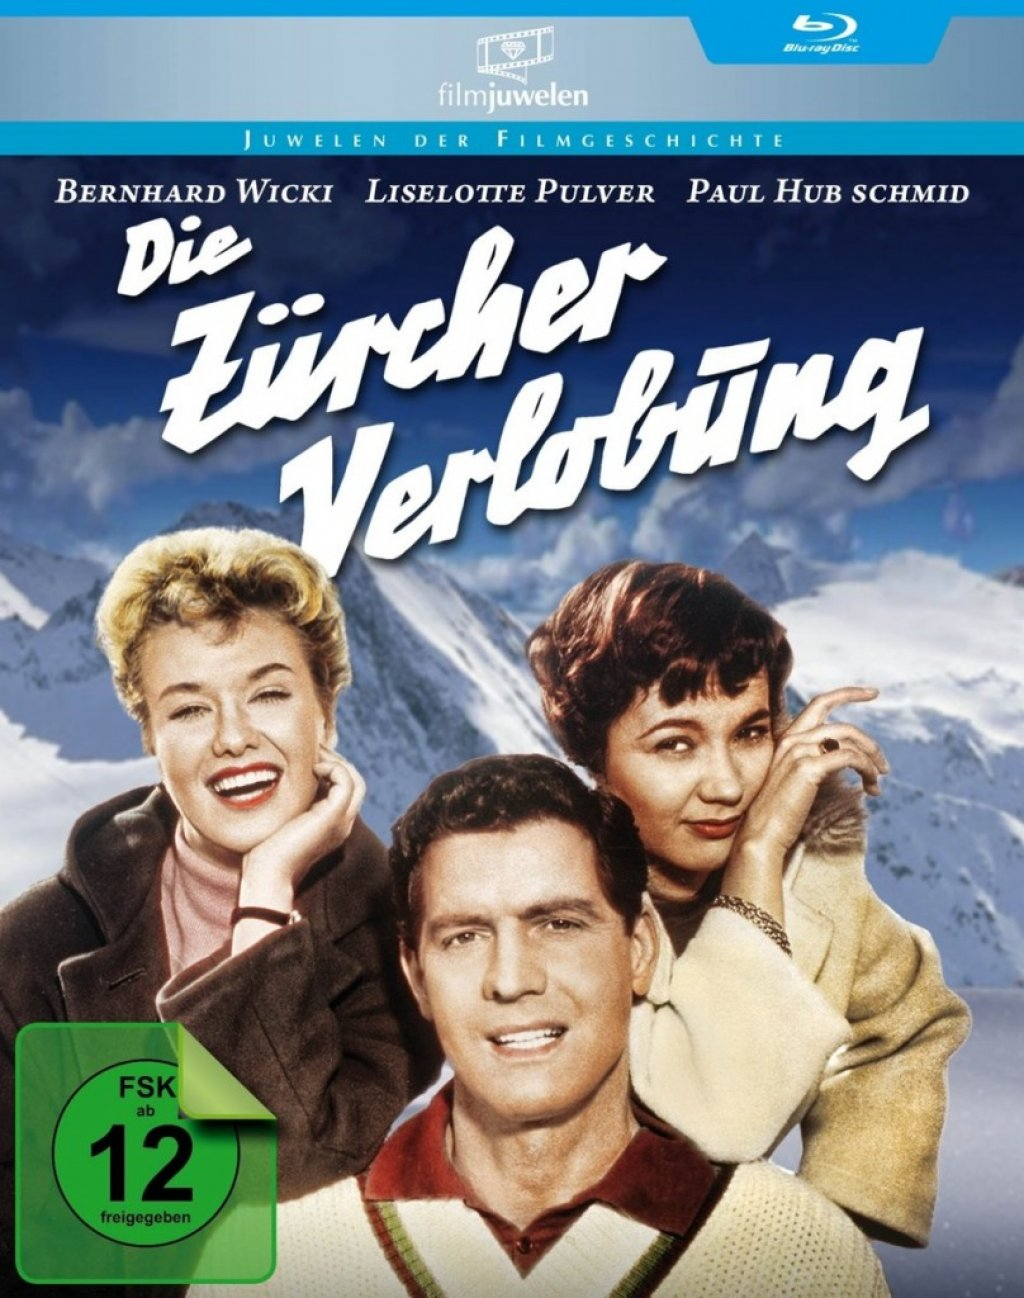 Die Zürcher Verlobung (Blu-ray)